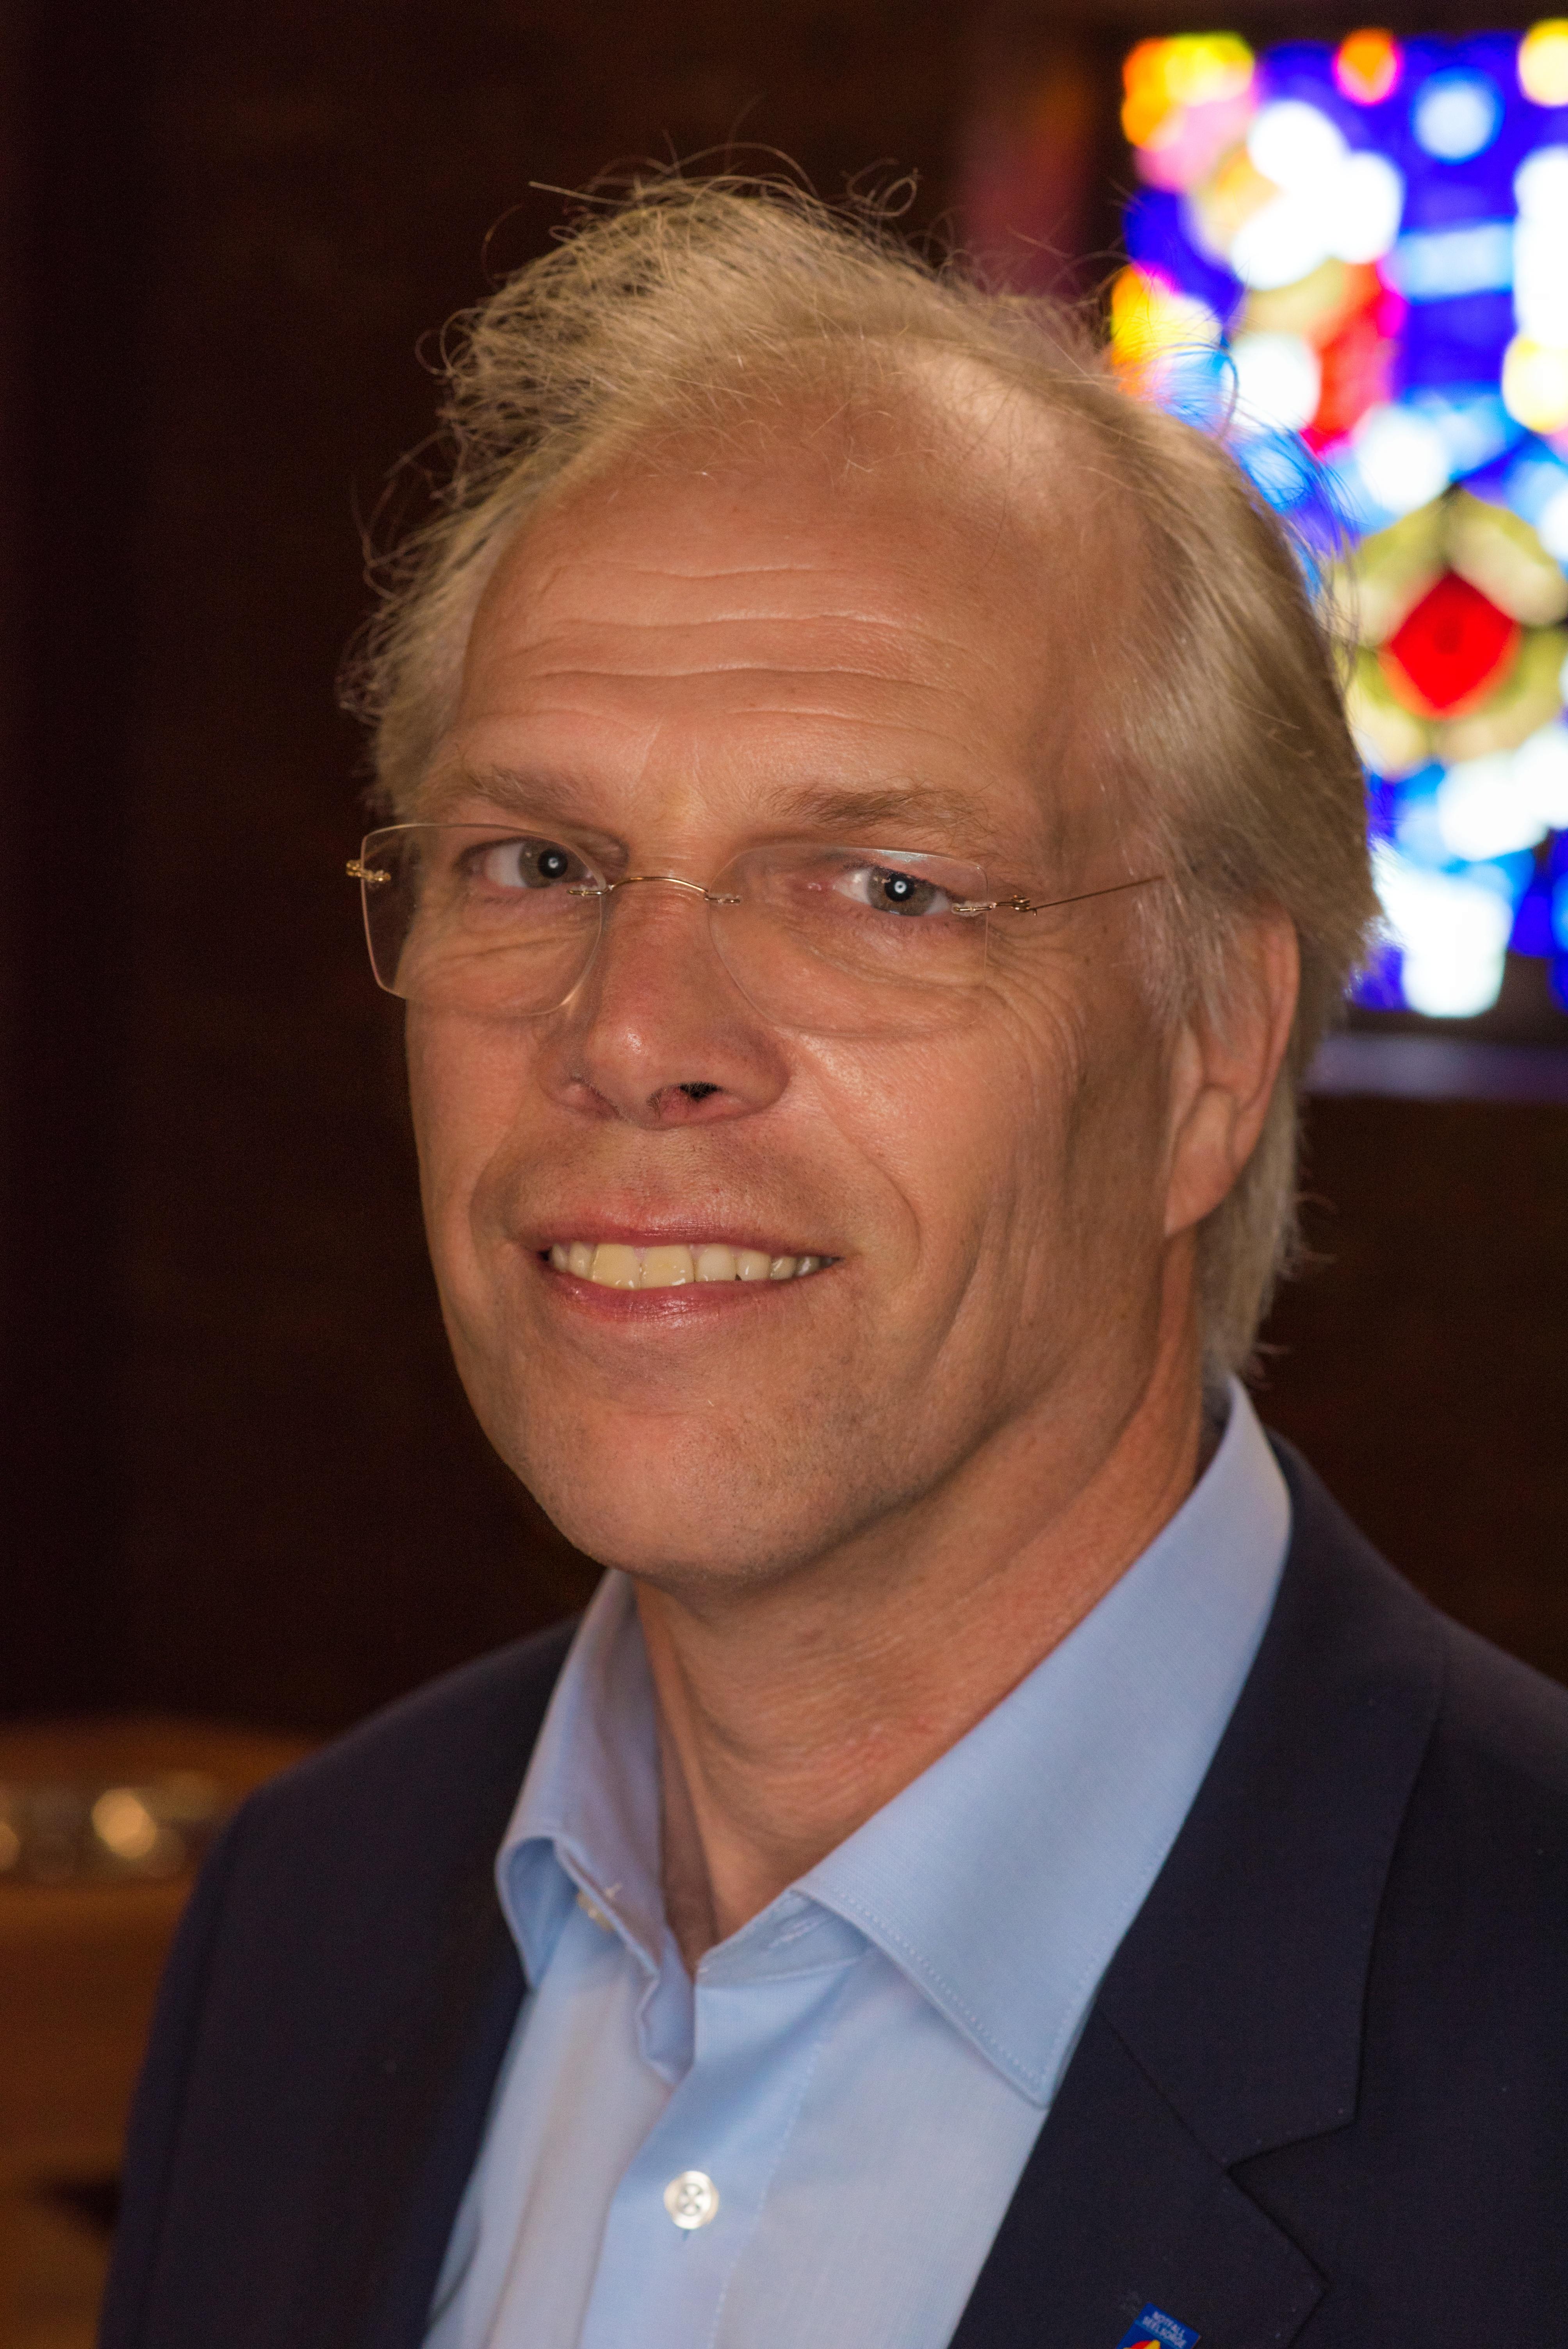 Matthias Rausch